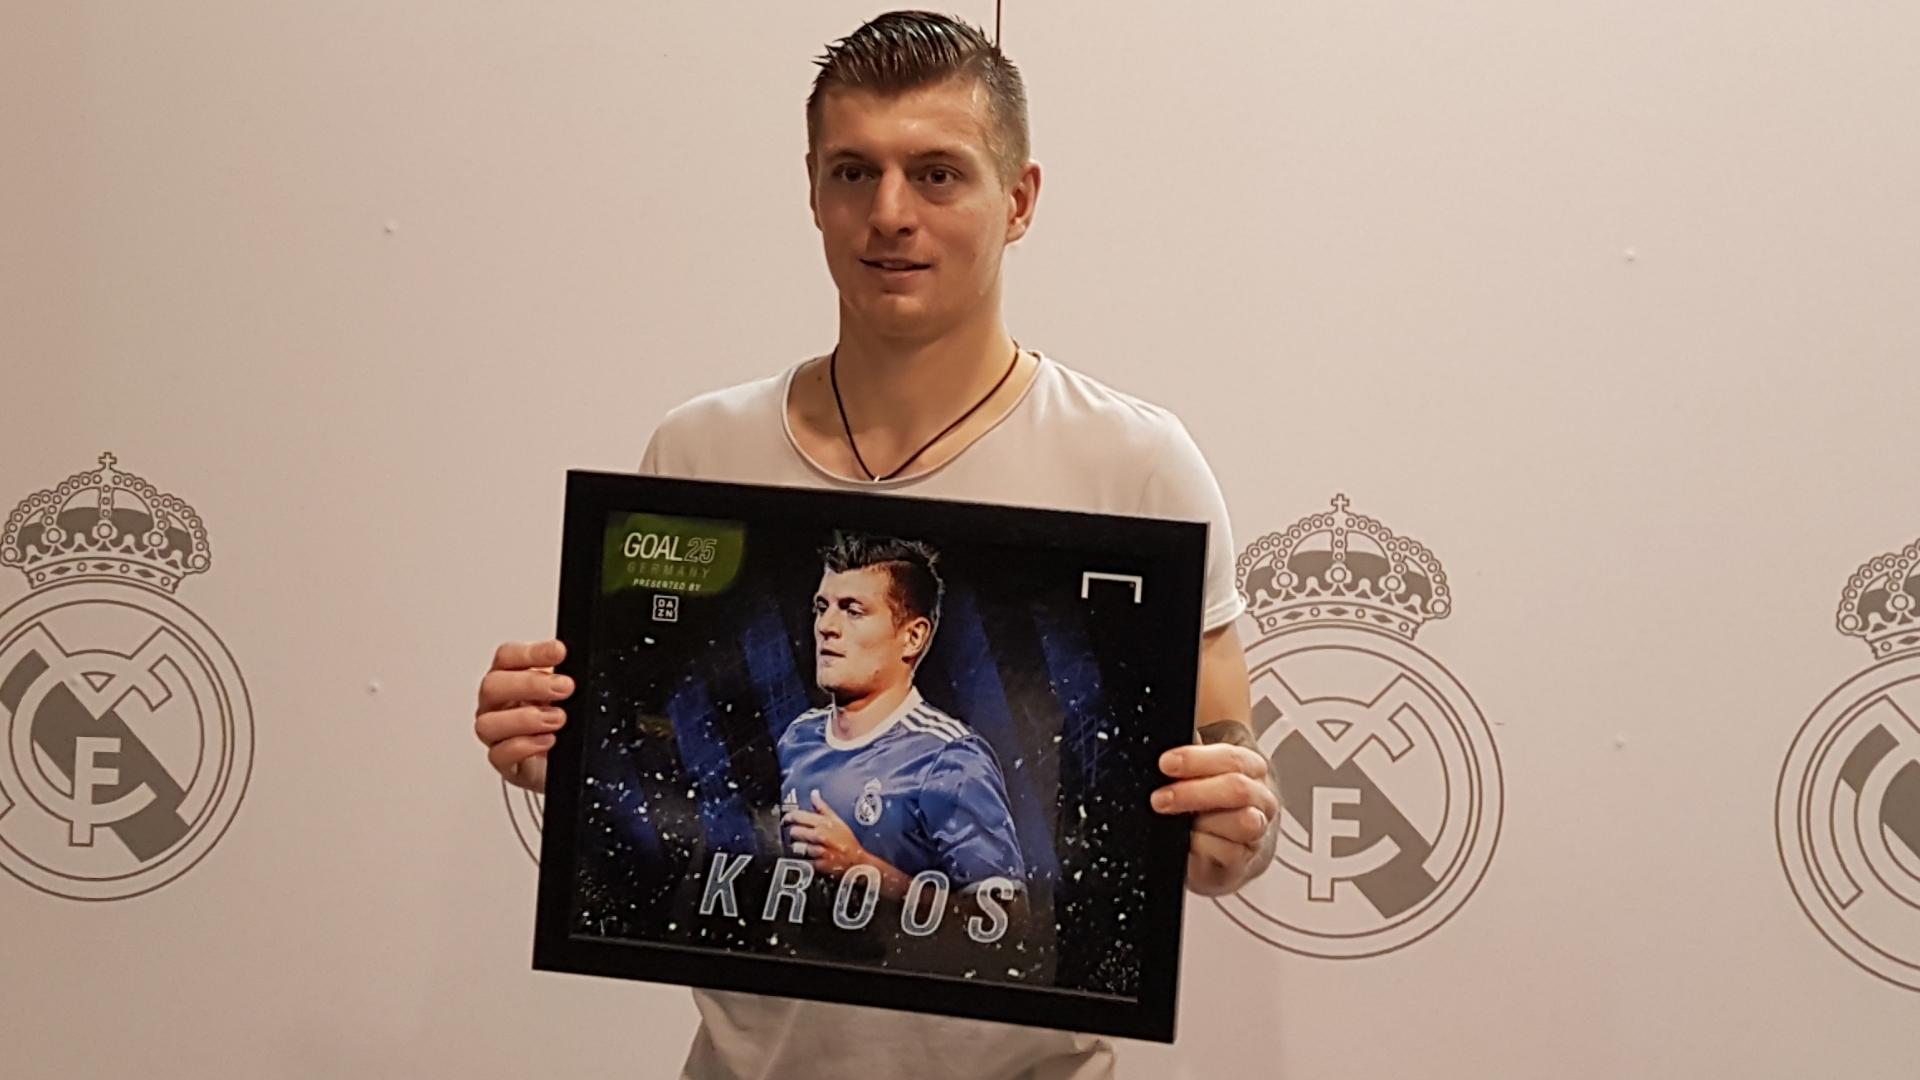 """Exclusivo - Toni Kroos: """"o melhor jogador é a equipe"""""""